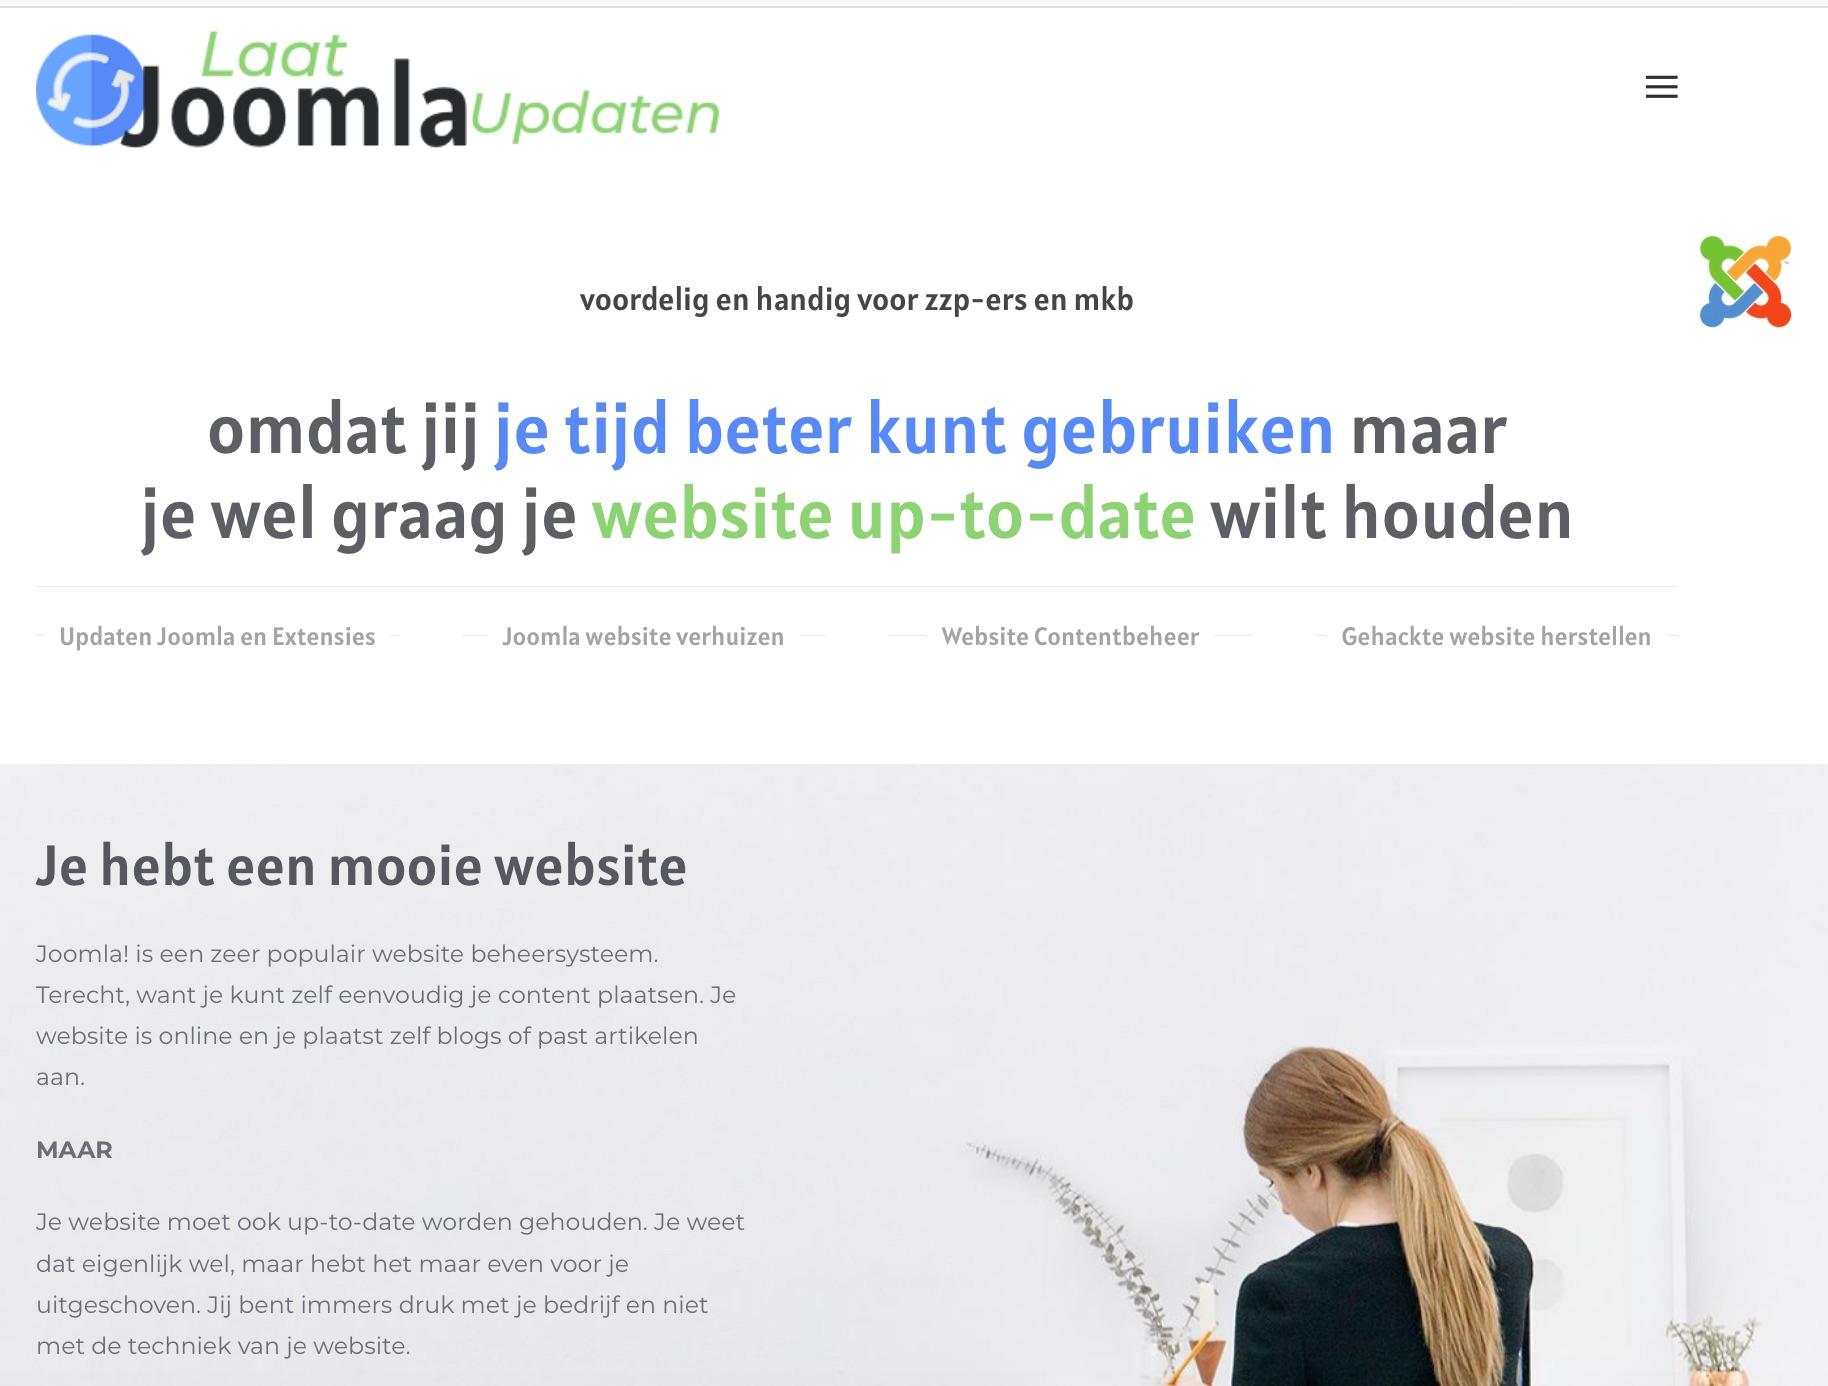 Reddie lanceert LaatJoomlaUpdaten.nl